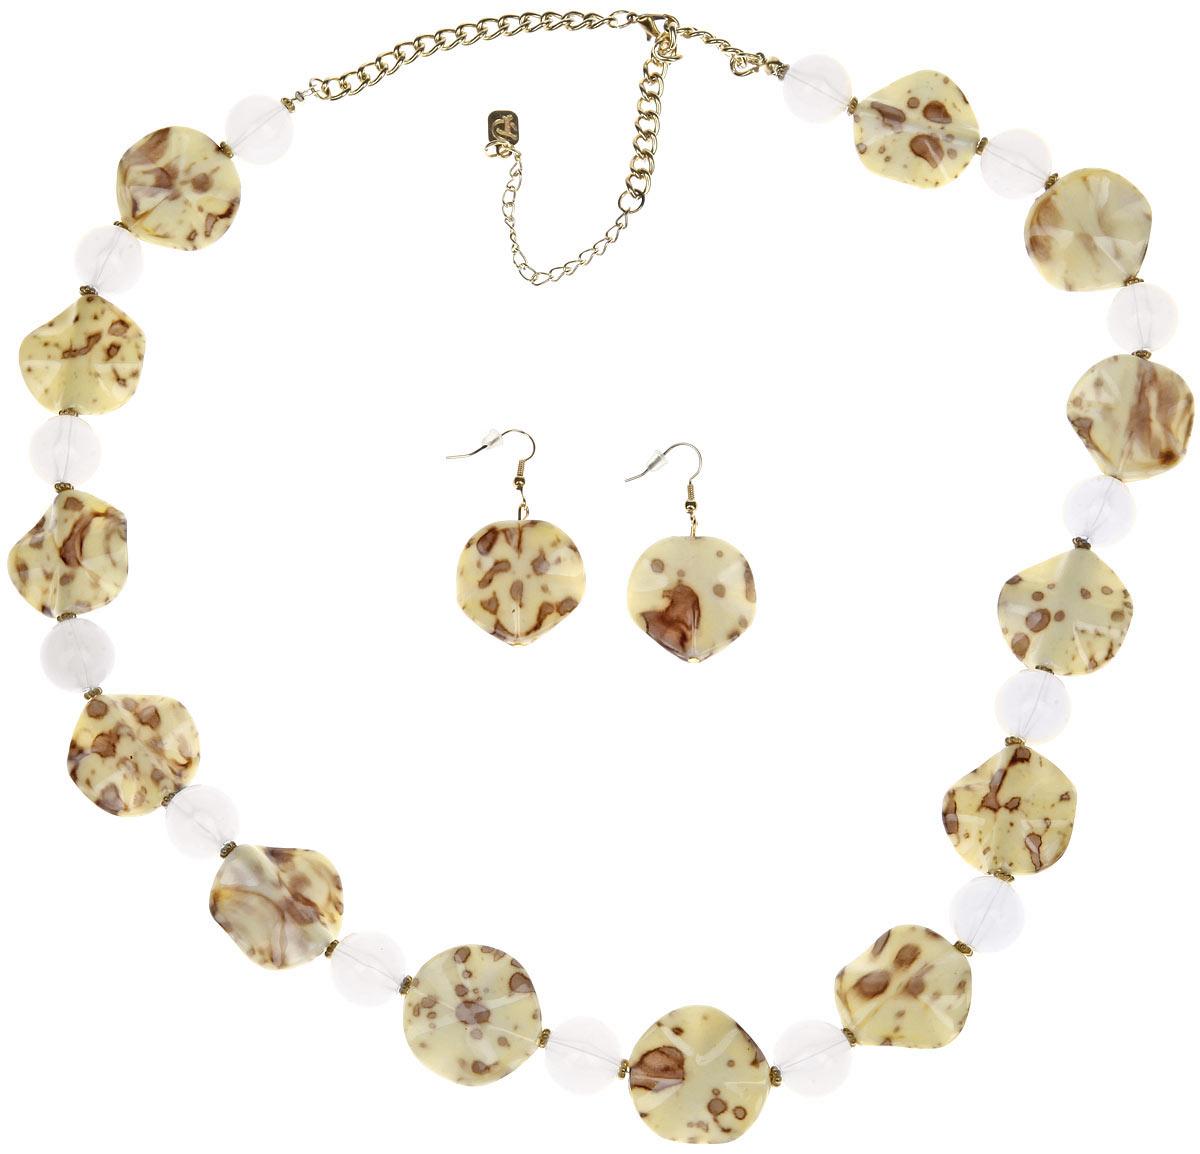 Комплект украшений Avgad: колье, серьги, цвет: светло-желтый, прозрачный. H-477S1021